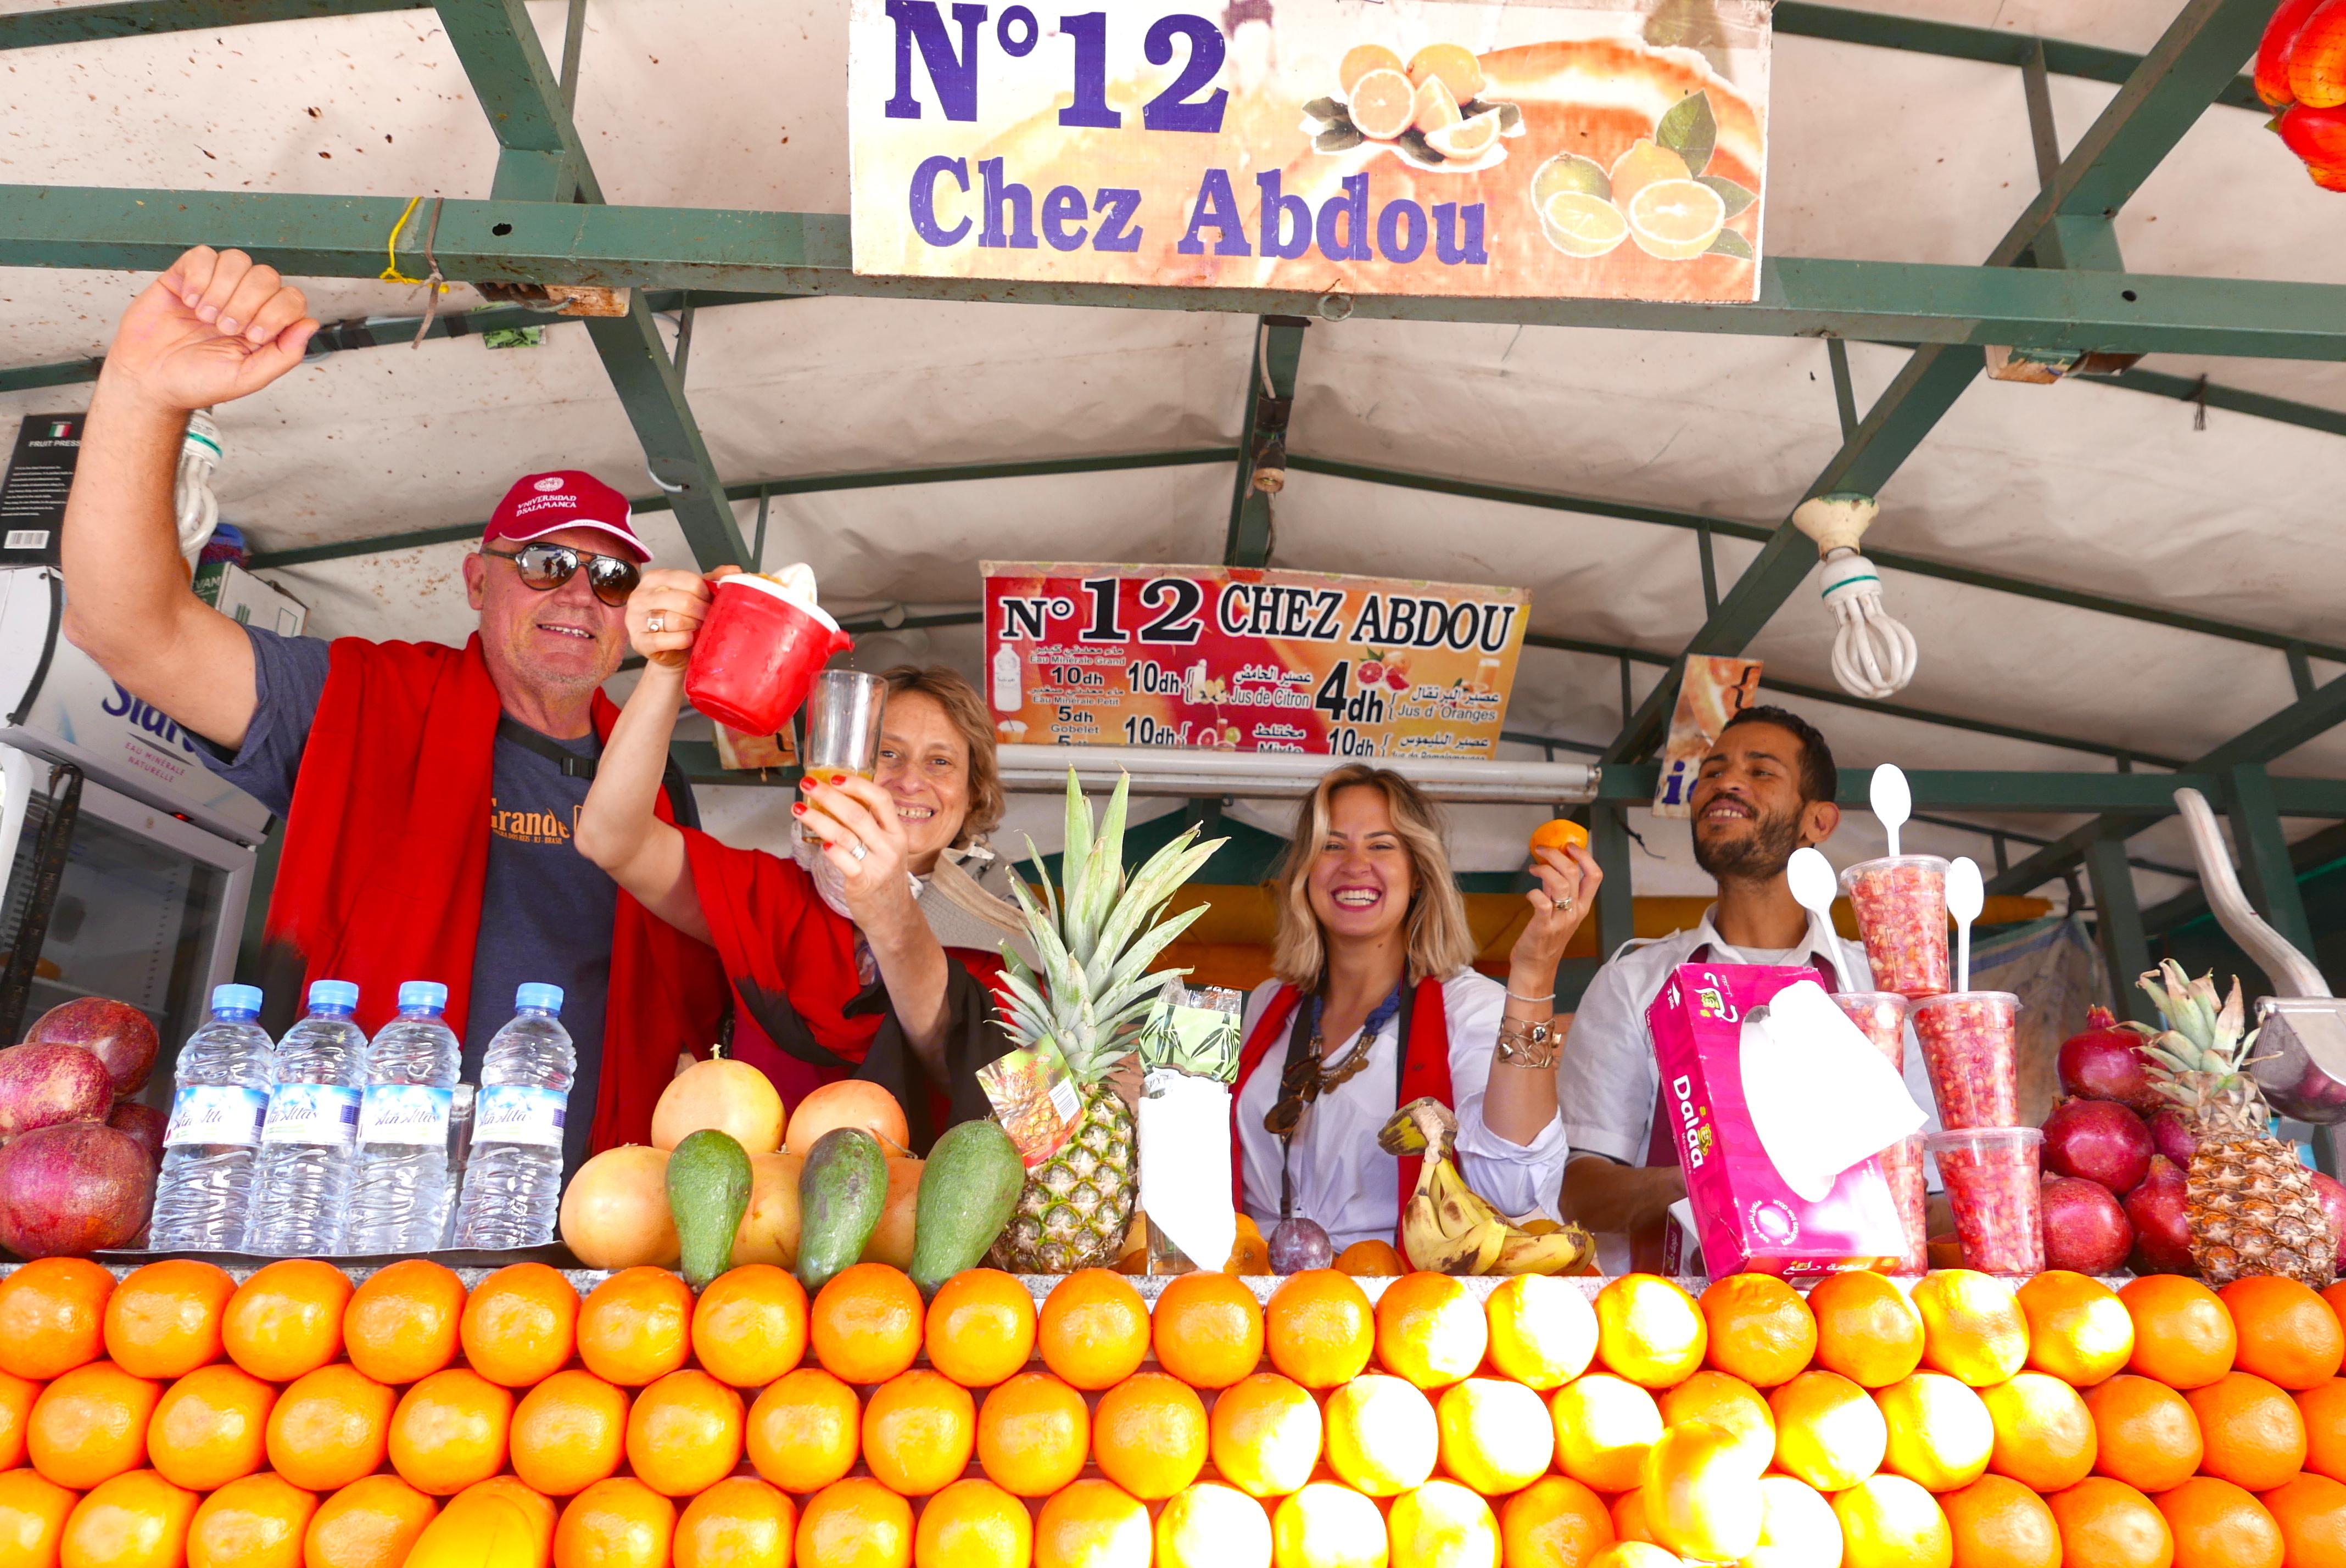 Encontrar a barraca 12 - Chez Abdou, entrar e espremer 10 laranjas...